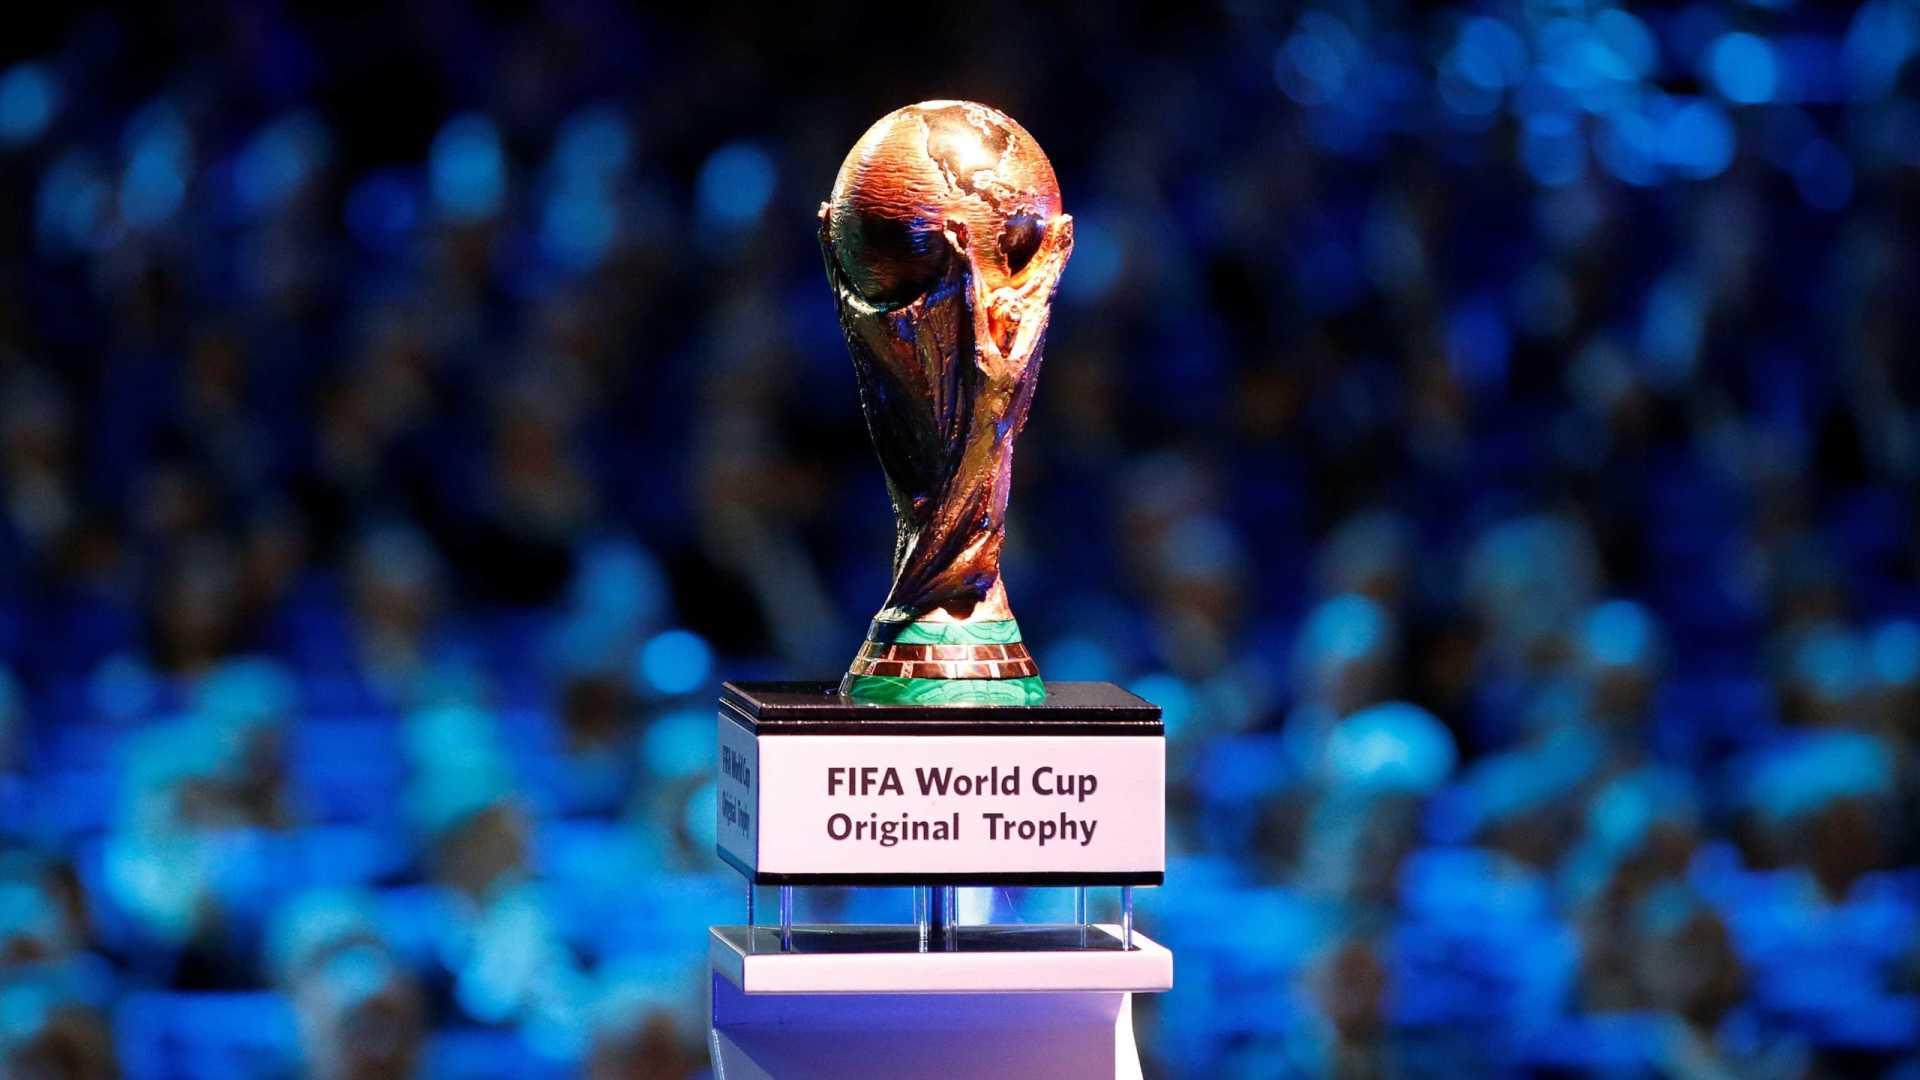 Com Copa do Mundo, apostas esportivas batem recorde na Rússia